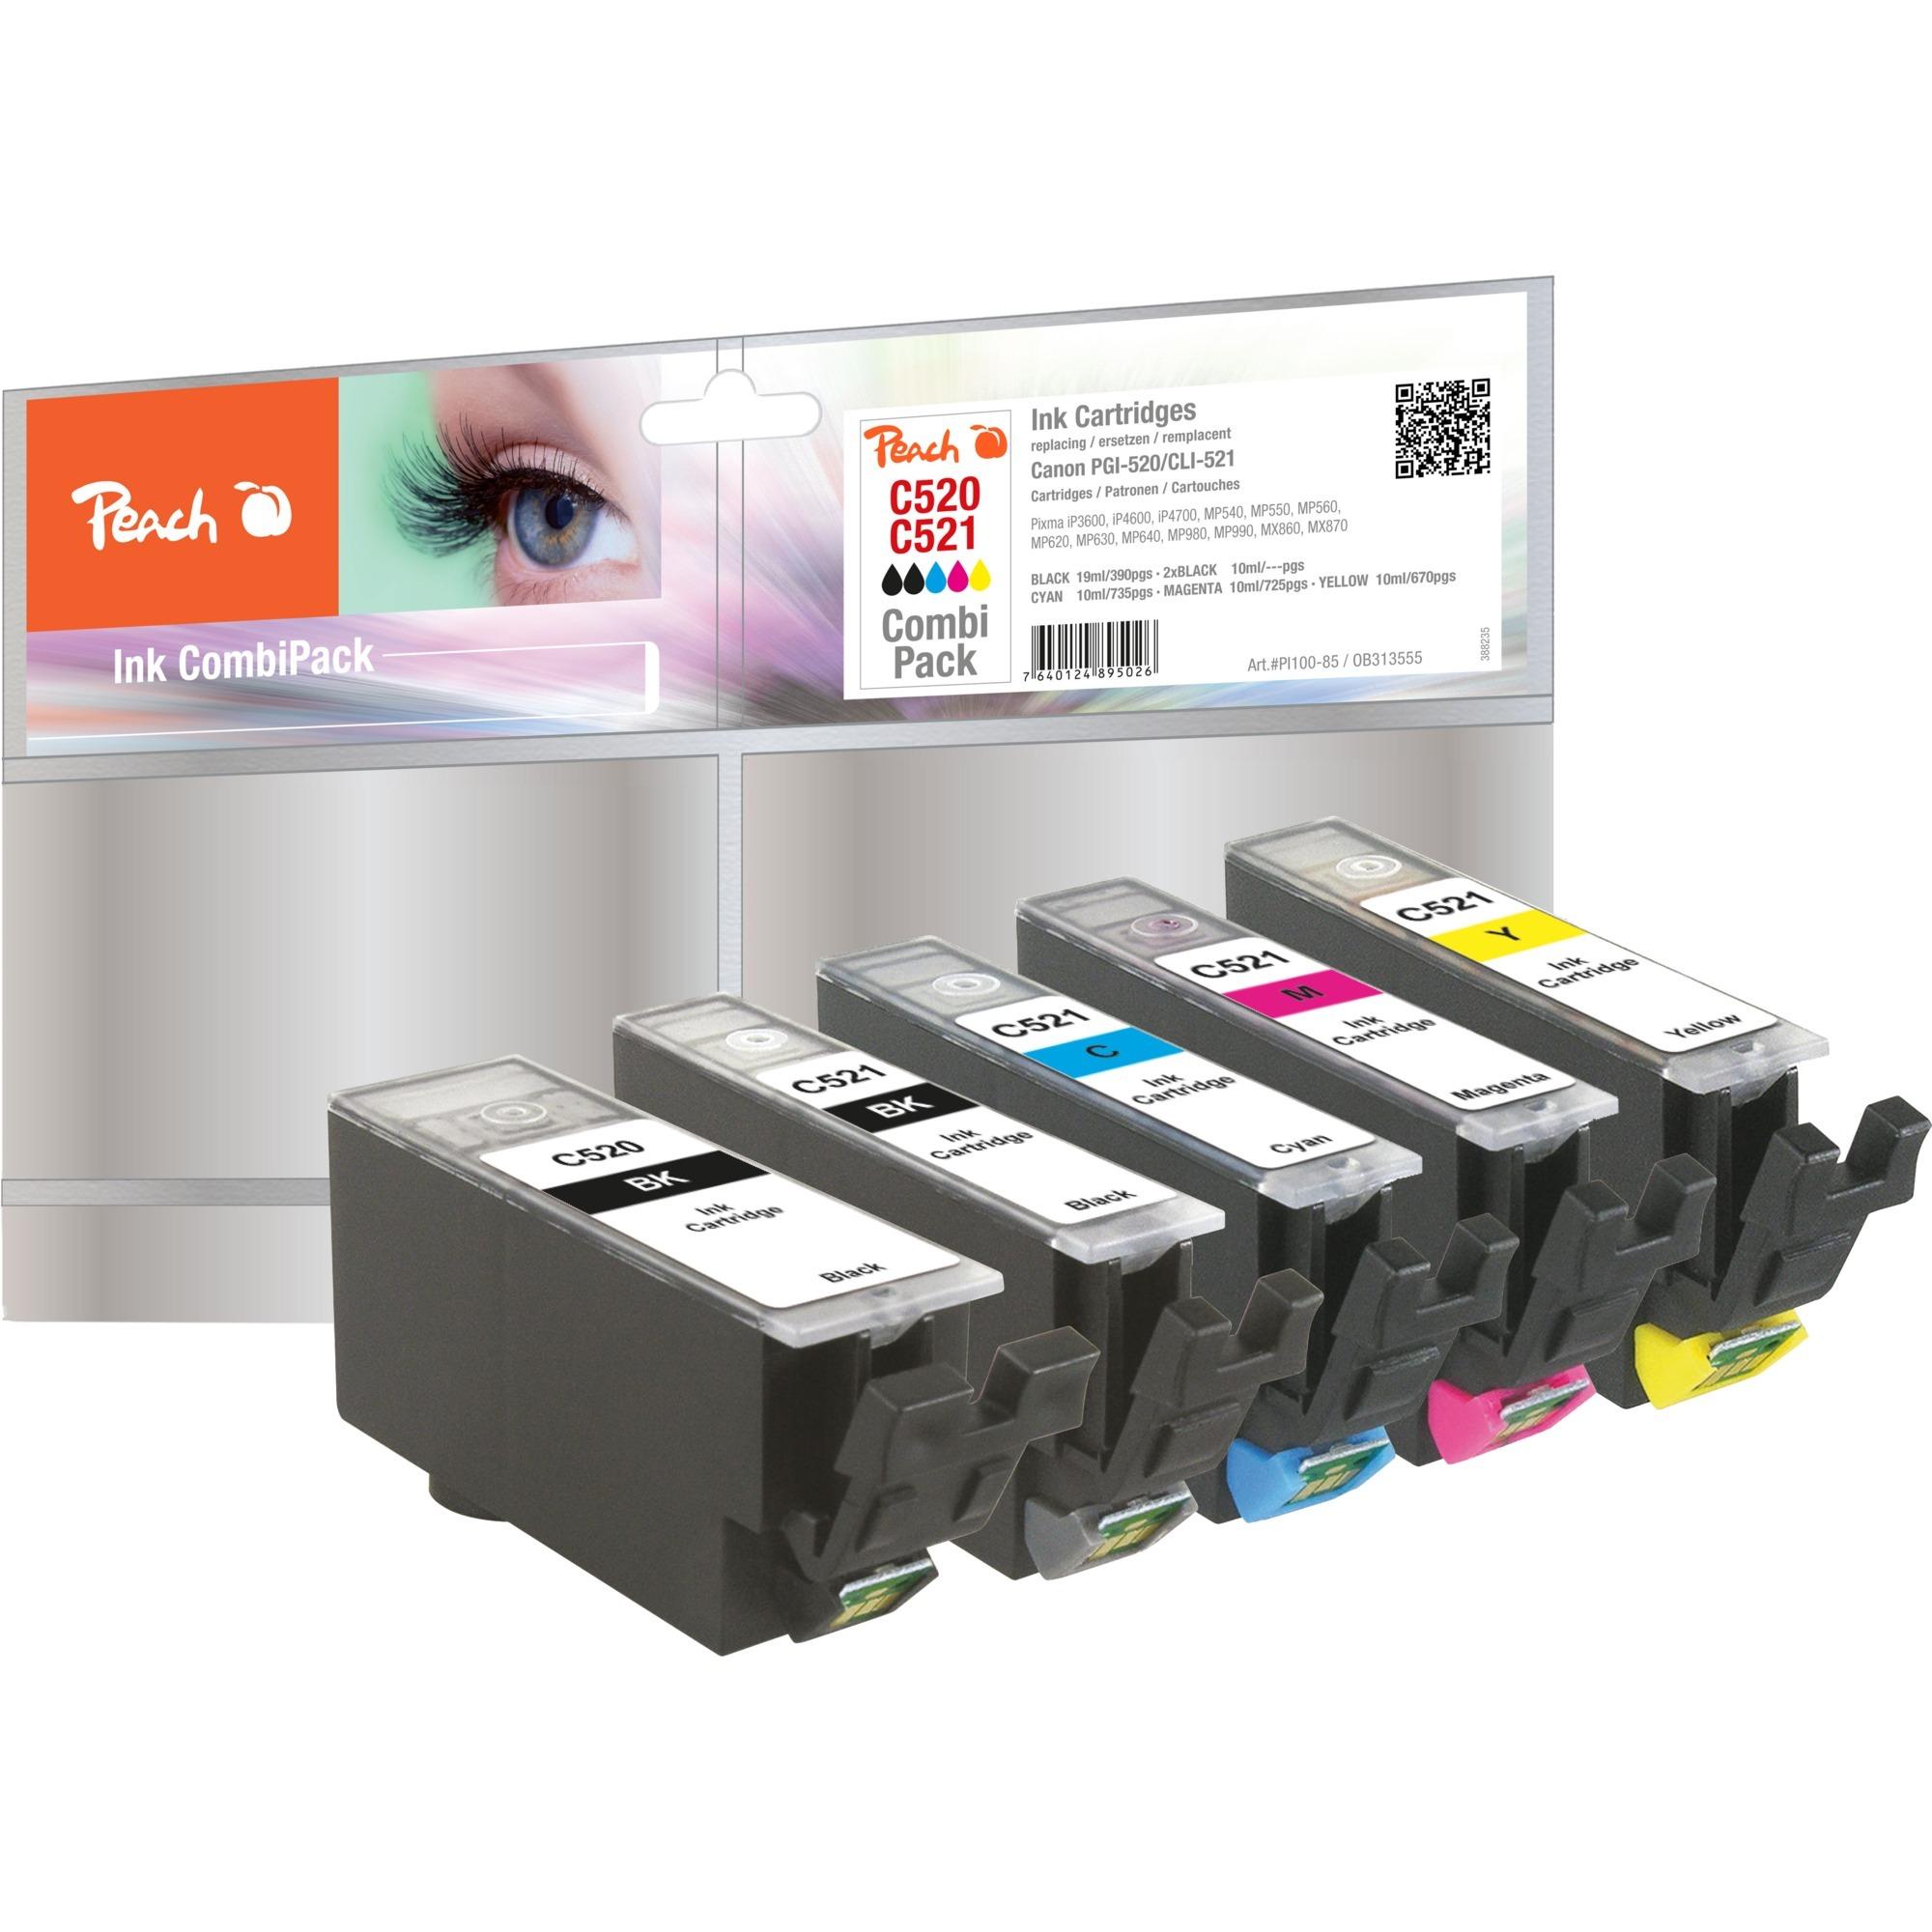 Peach Tinte Spar Pack PI100-85